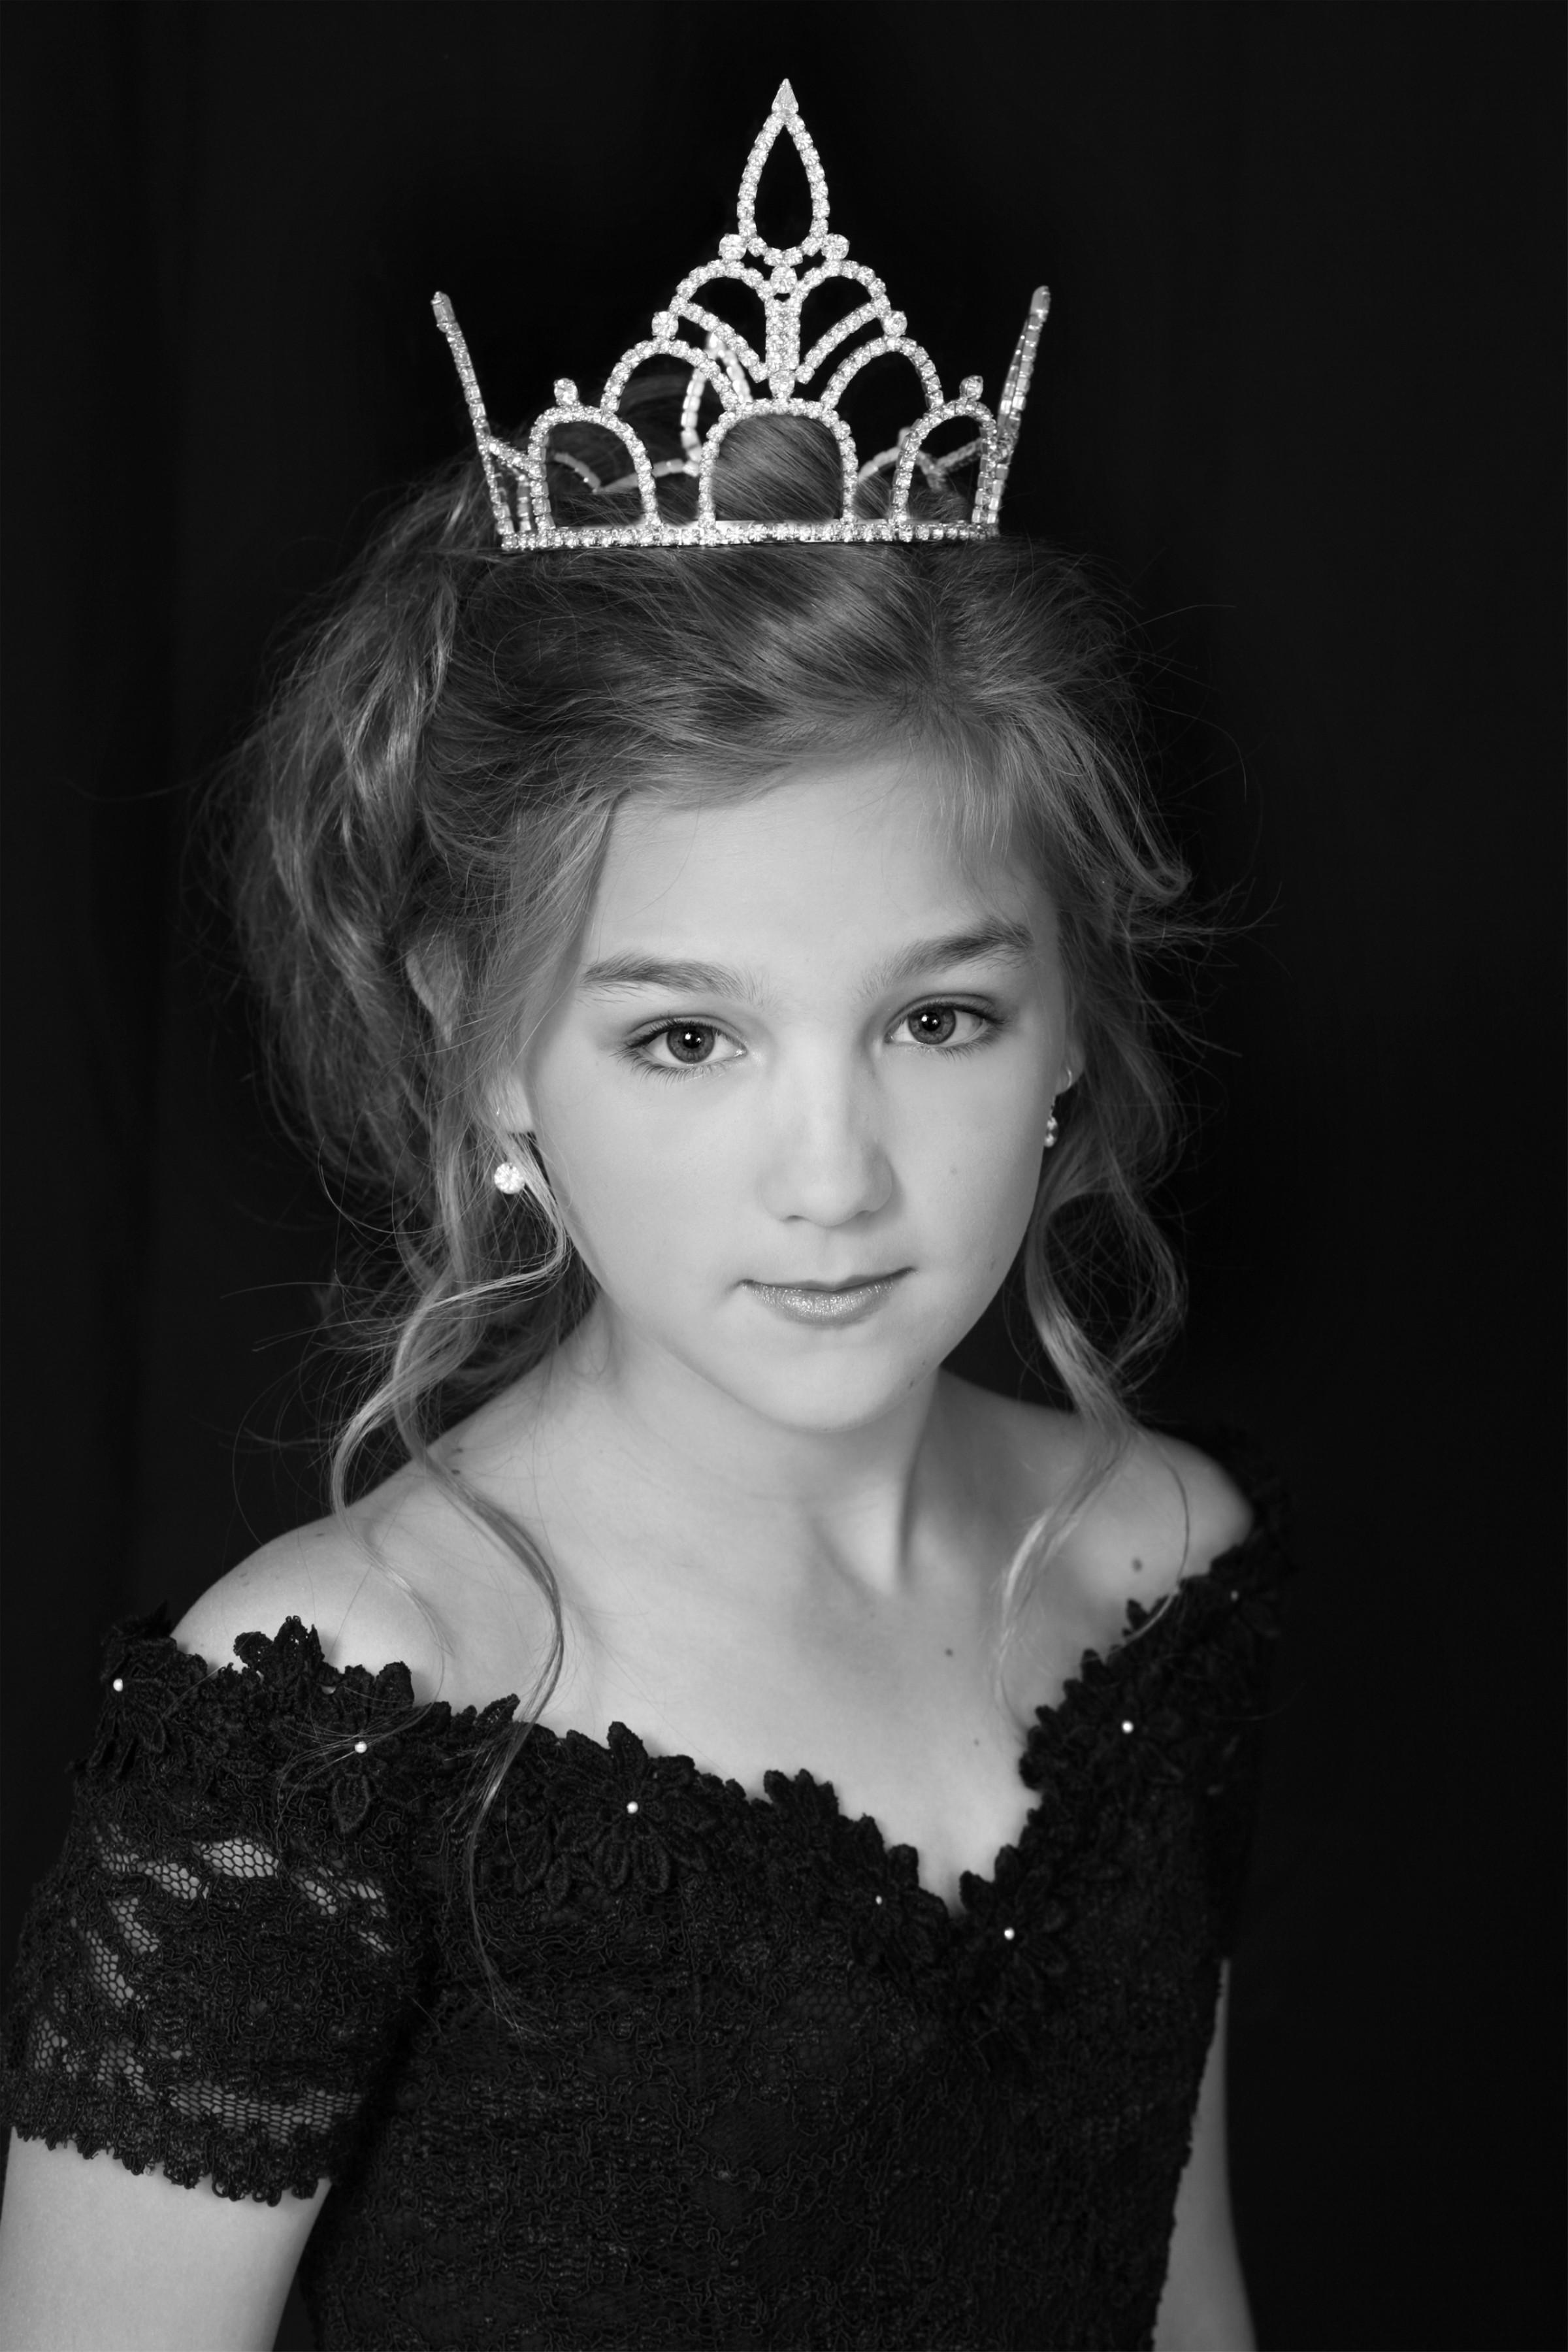 Pre-teen Miss Kentucky 2006, Erynn Landherr